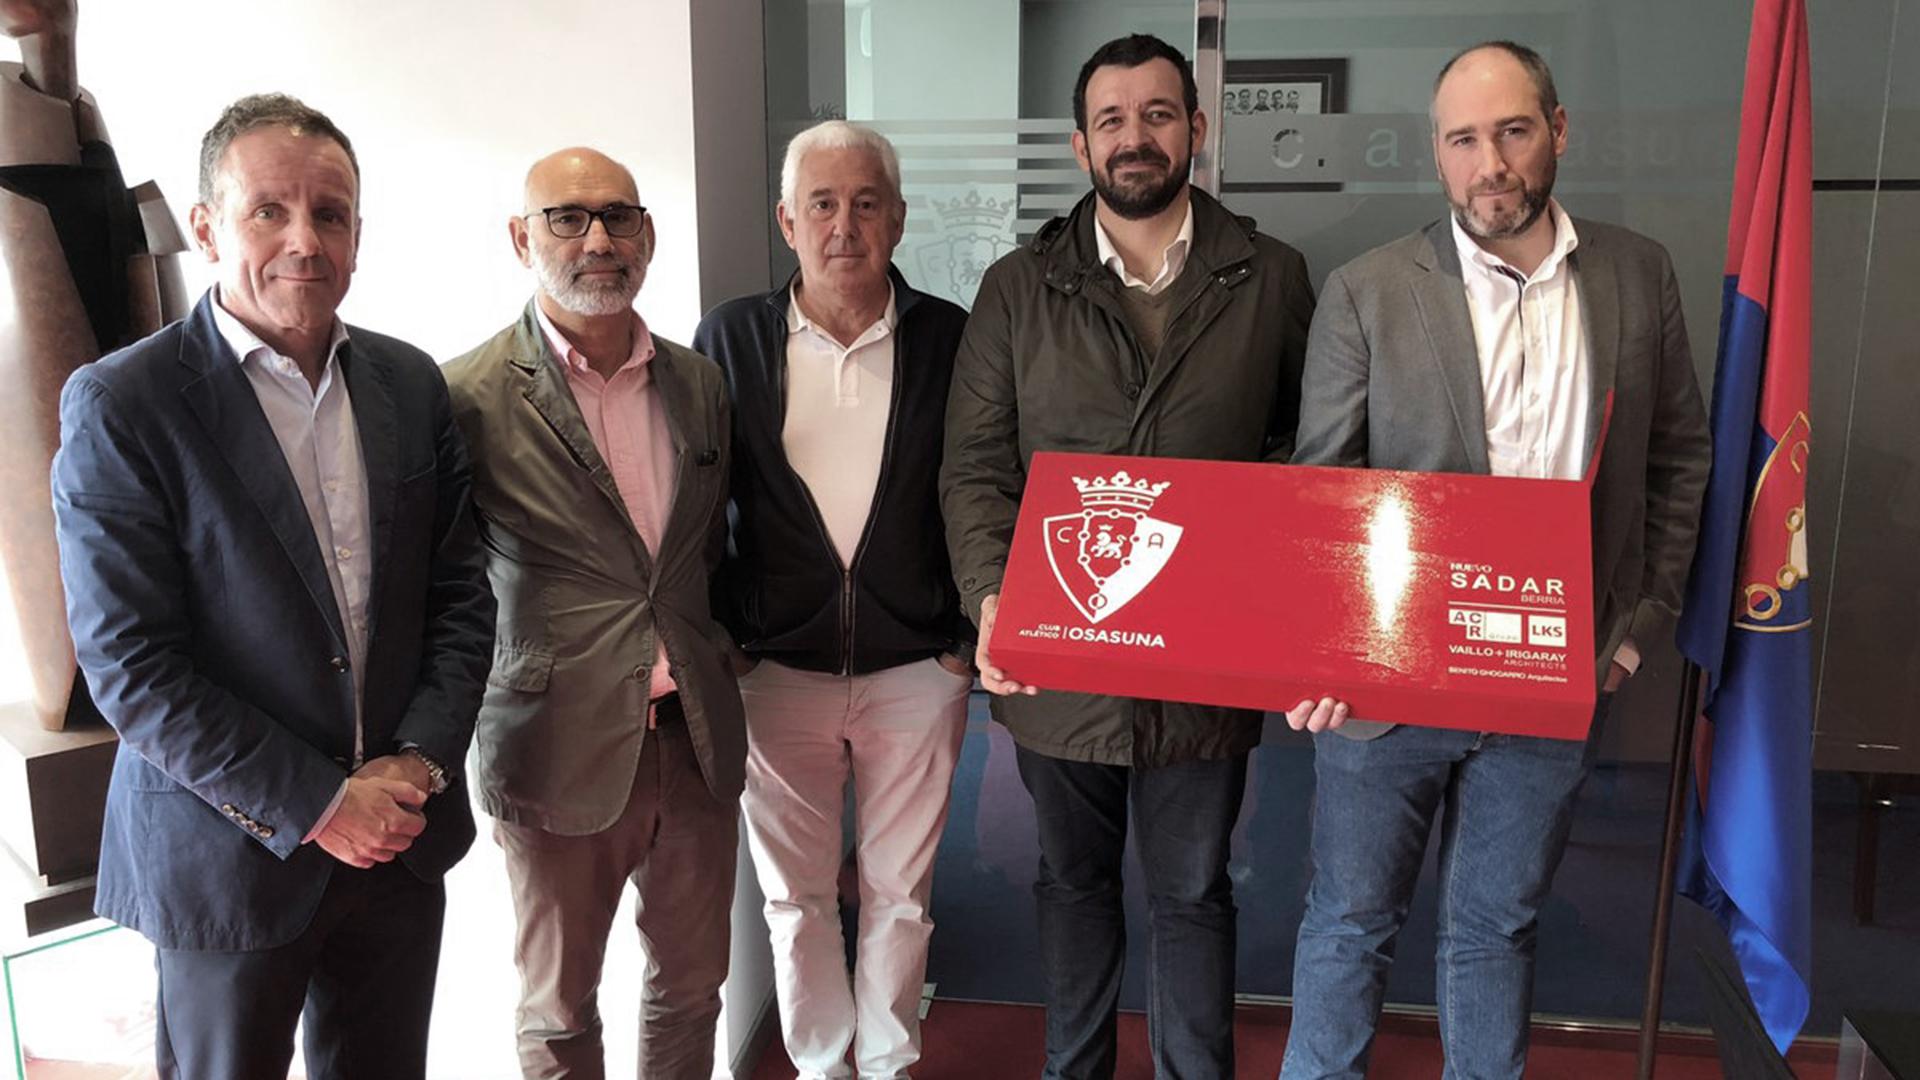 Reforma del estadio El Sadar de Pamplona: LKS KREAN acompaña en el concurso a la constructora ACR grupo y colabora en la redacción de la propuesta con el estudio de arquitectura Vaillo+Irigaray Architects